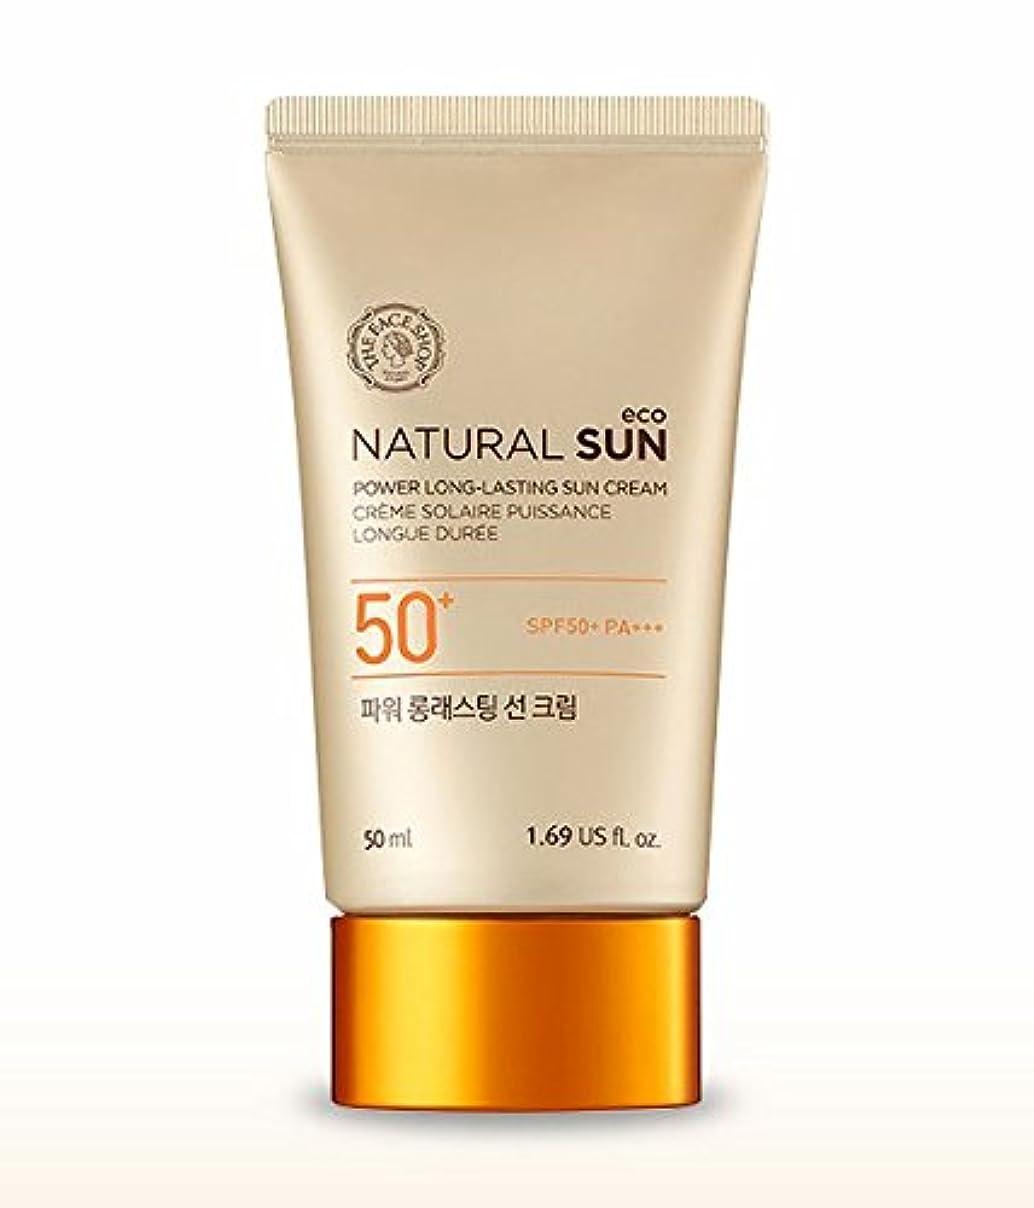 平衡熟読するビジョンTHE FACE SHOP Natural Sun Eco Power Long Lasting Sun Cream 50mlザフェイスショップ ナチュラルサンパワーロングラスティングサンクリーム [並行輸入品]